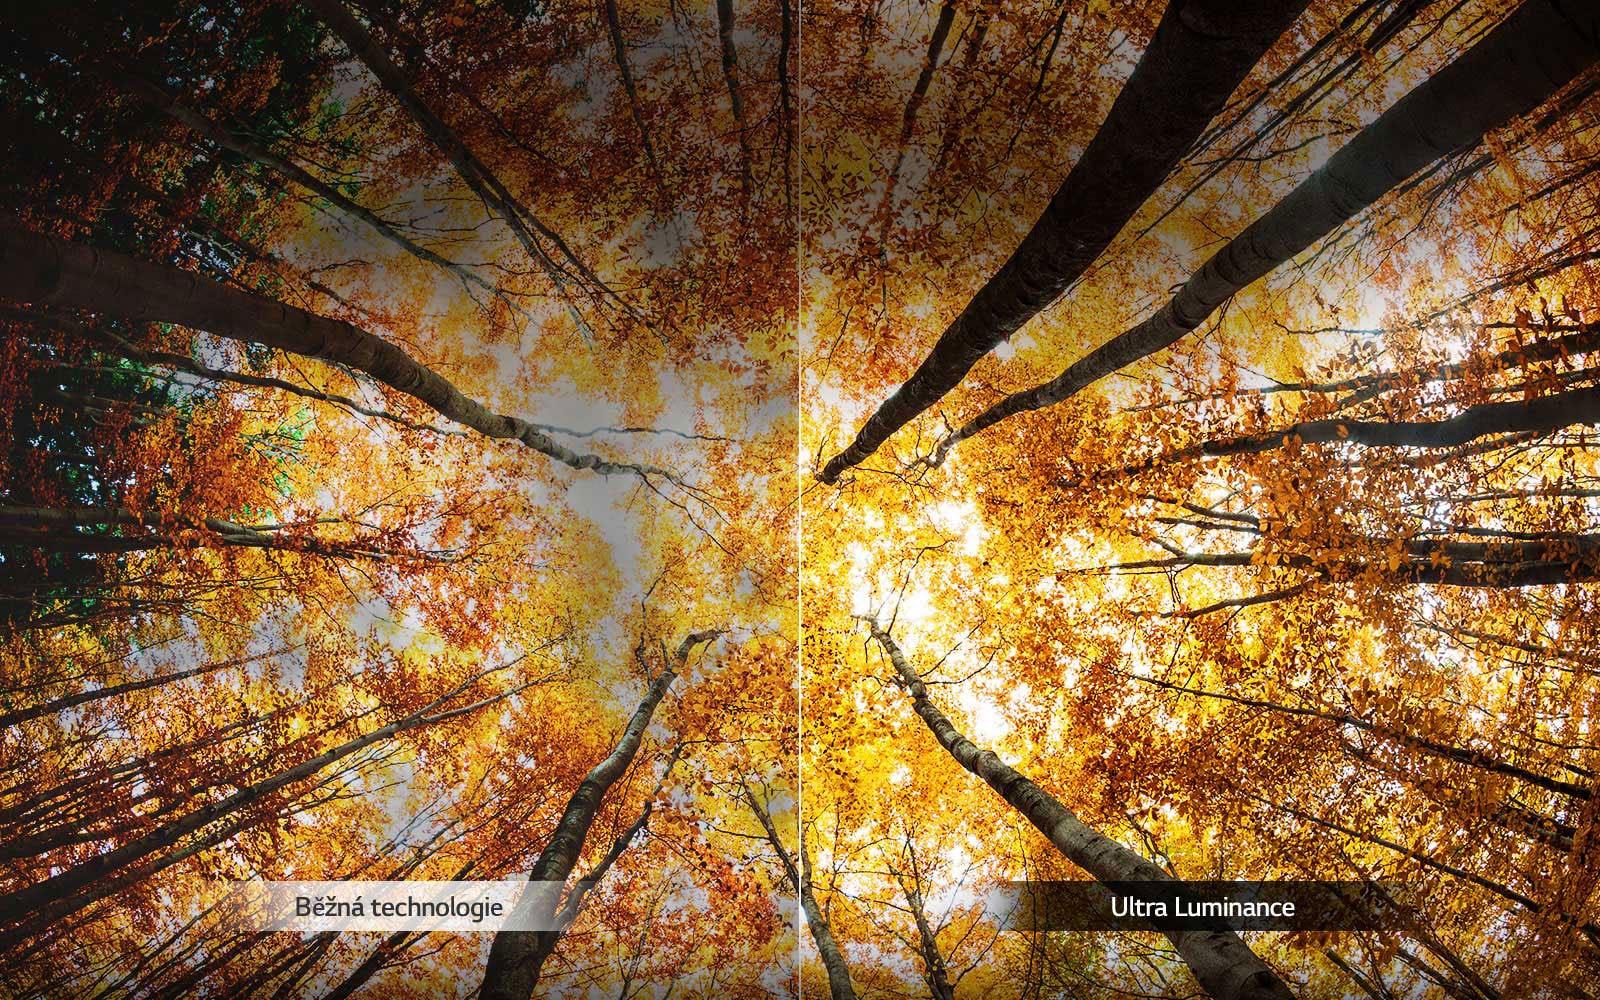 05_UK65_B_Ultra_Luminance_desktop_V5